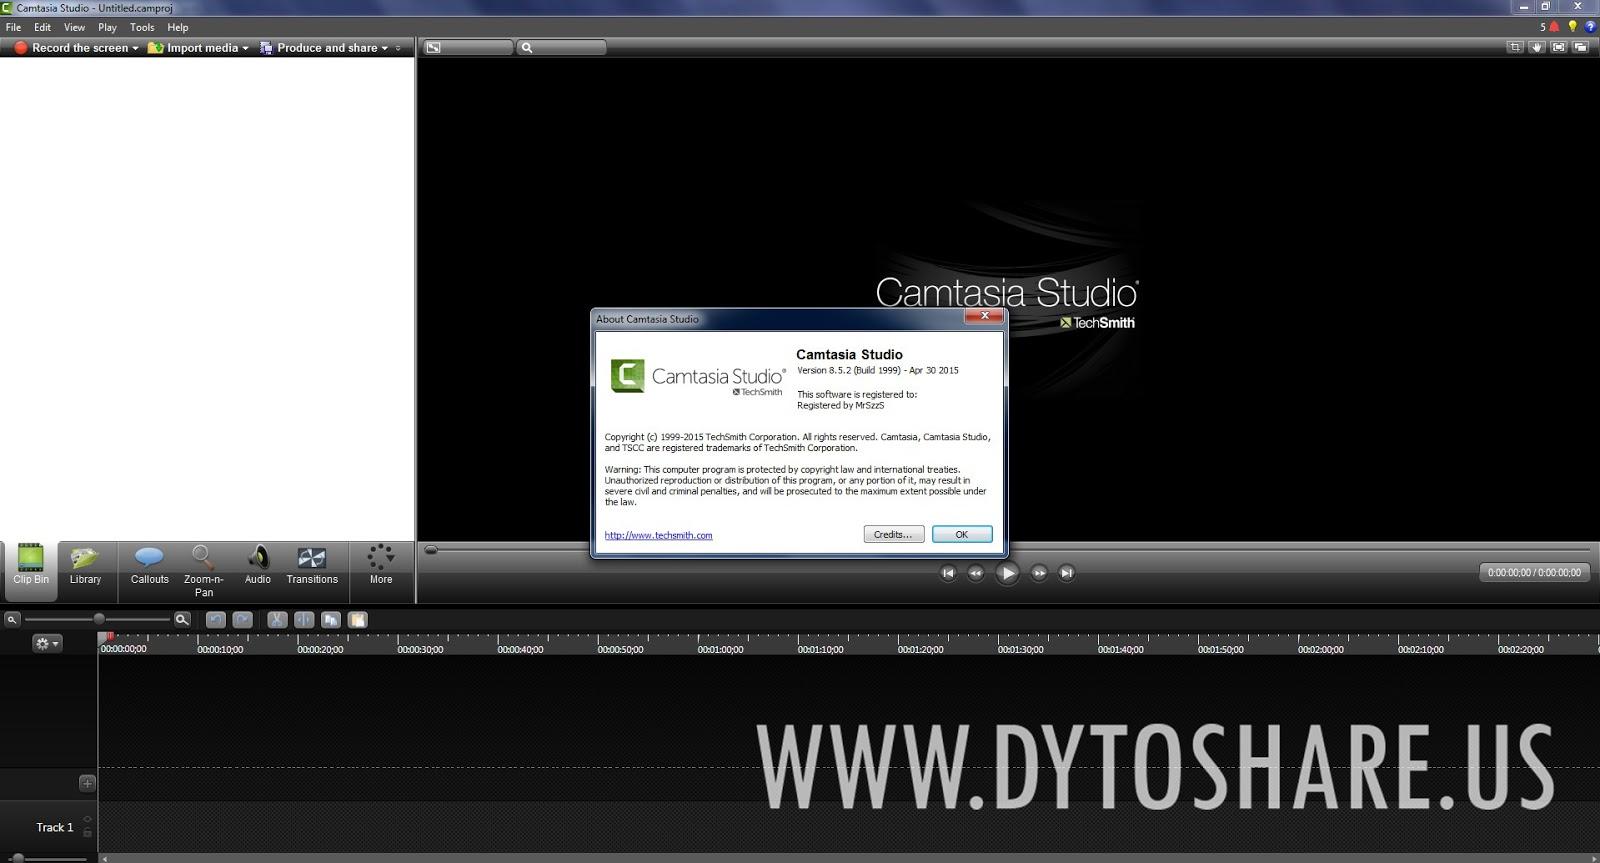 CAMTASIA.STUDIO.V8.6.0.2054 СКАЧАТЬ БЕСПЛАТНО